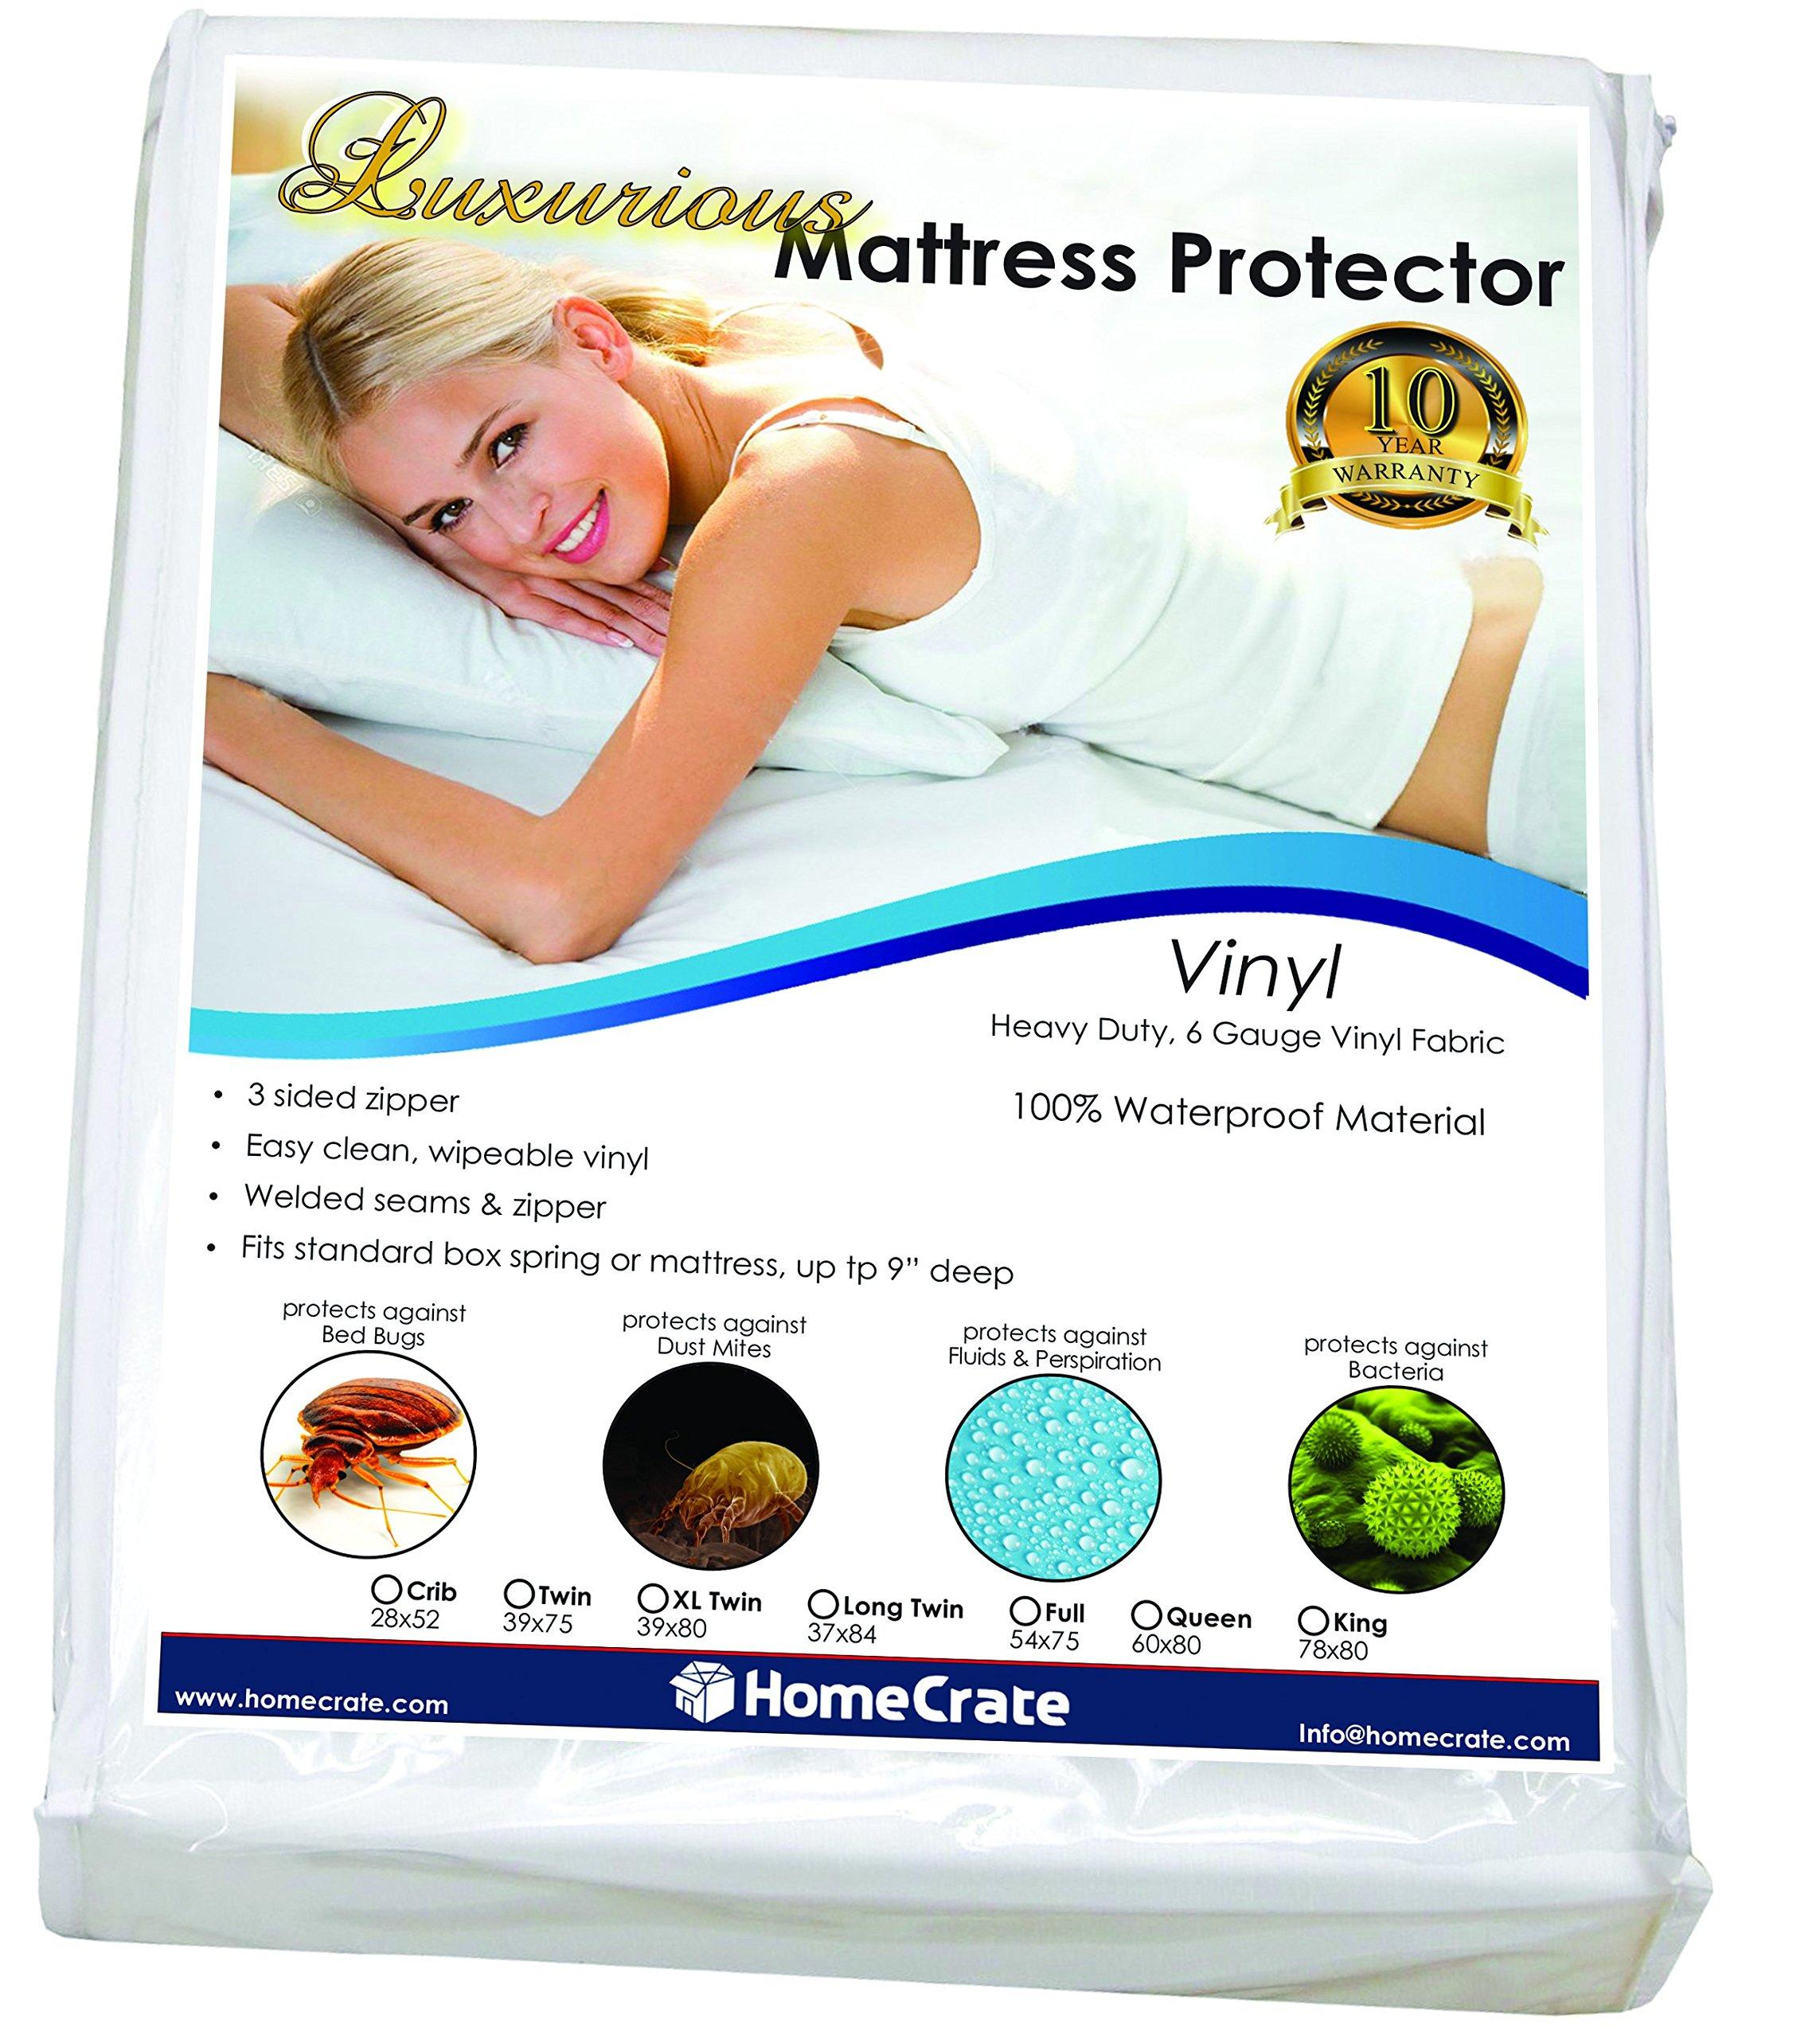 HomeCrate Natural Sleep Defence - Heavy Duty Deluxe Waterproof/Bed Bug Proof Vinyl 78'' 80'' King, Mattress Encasement